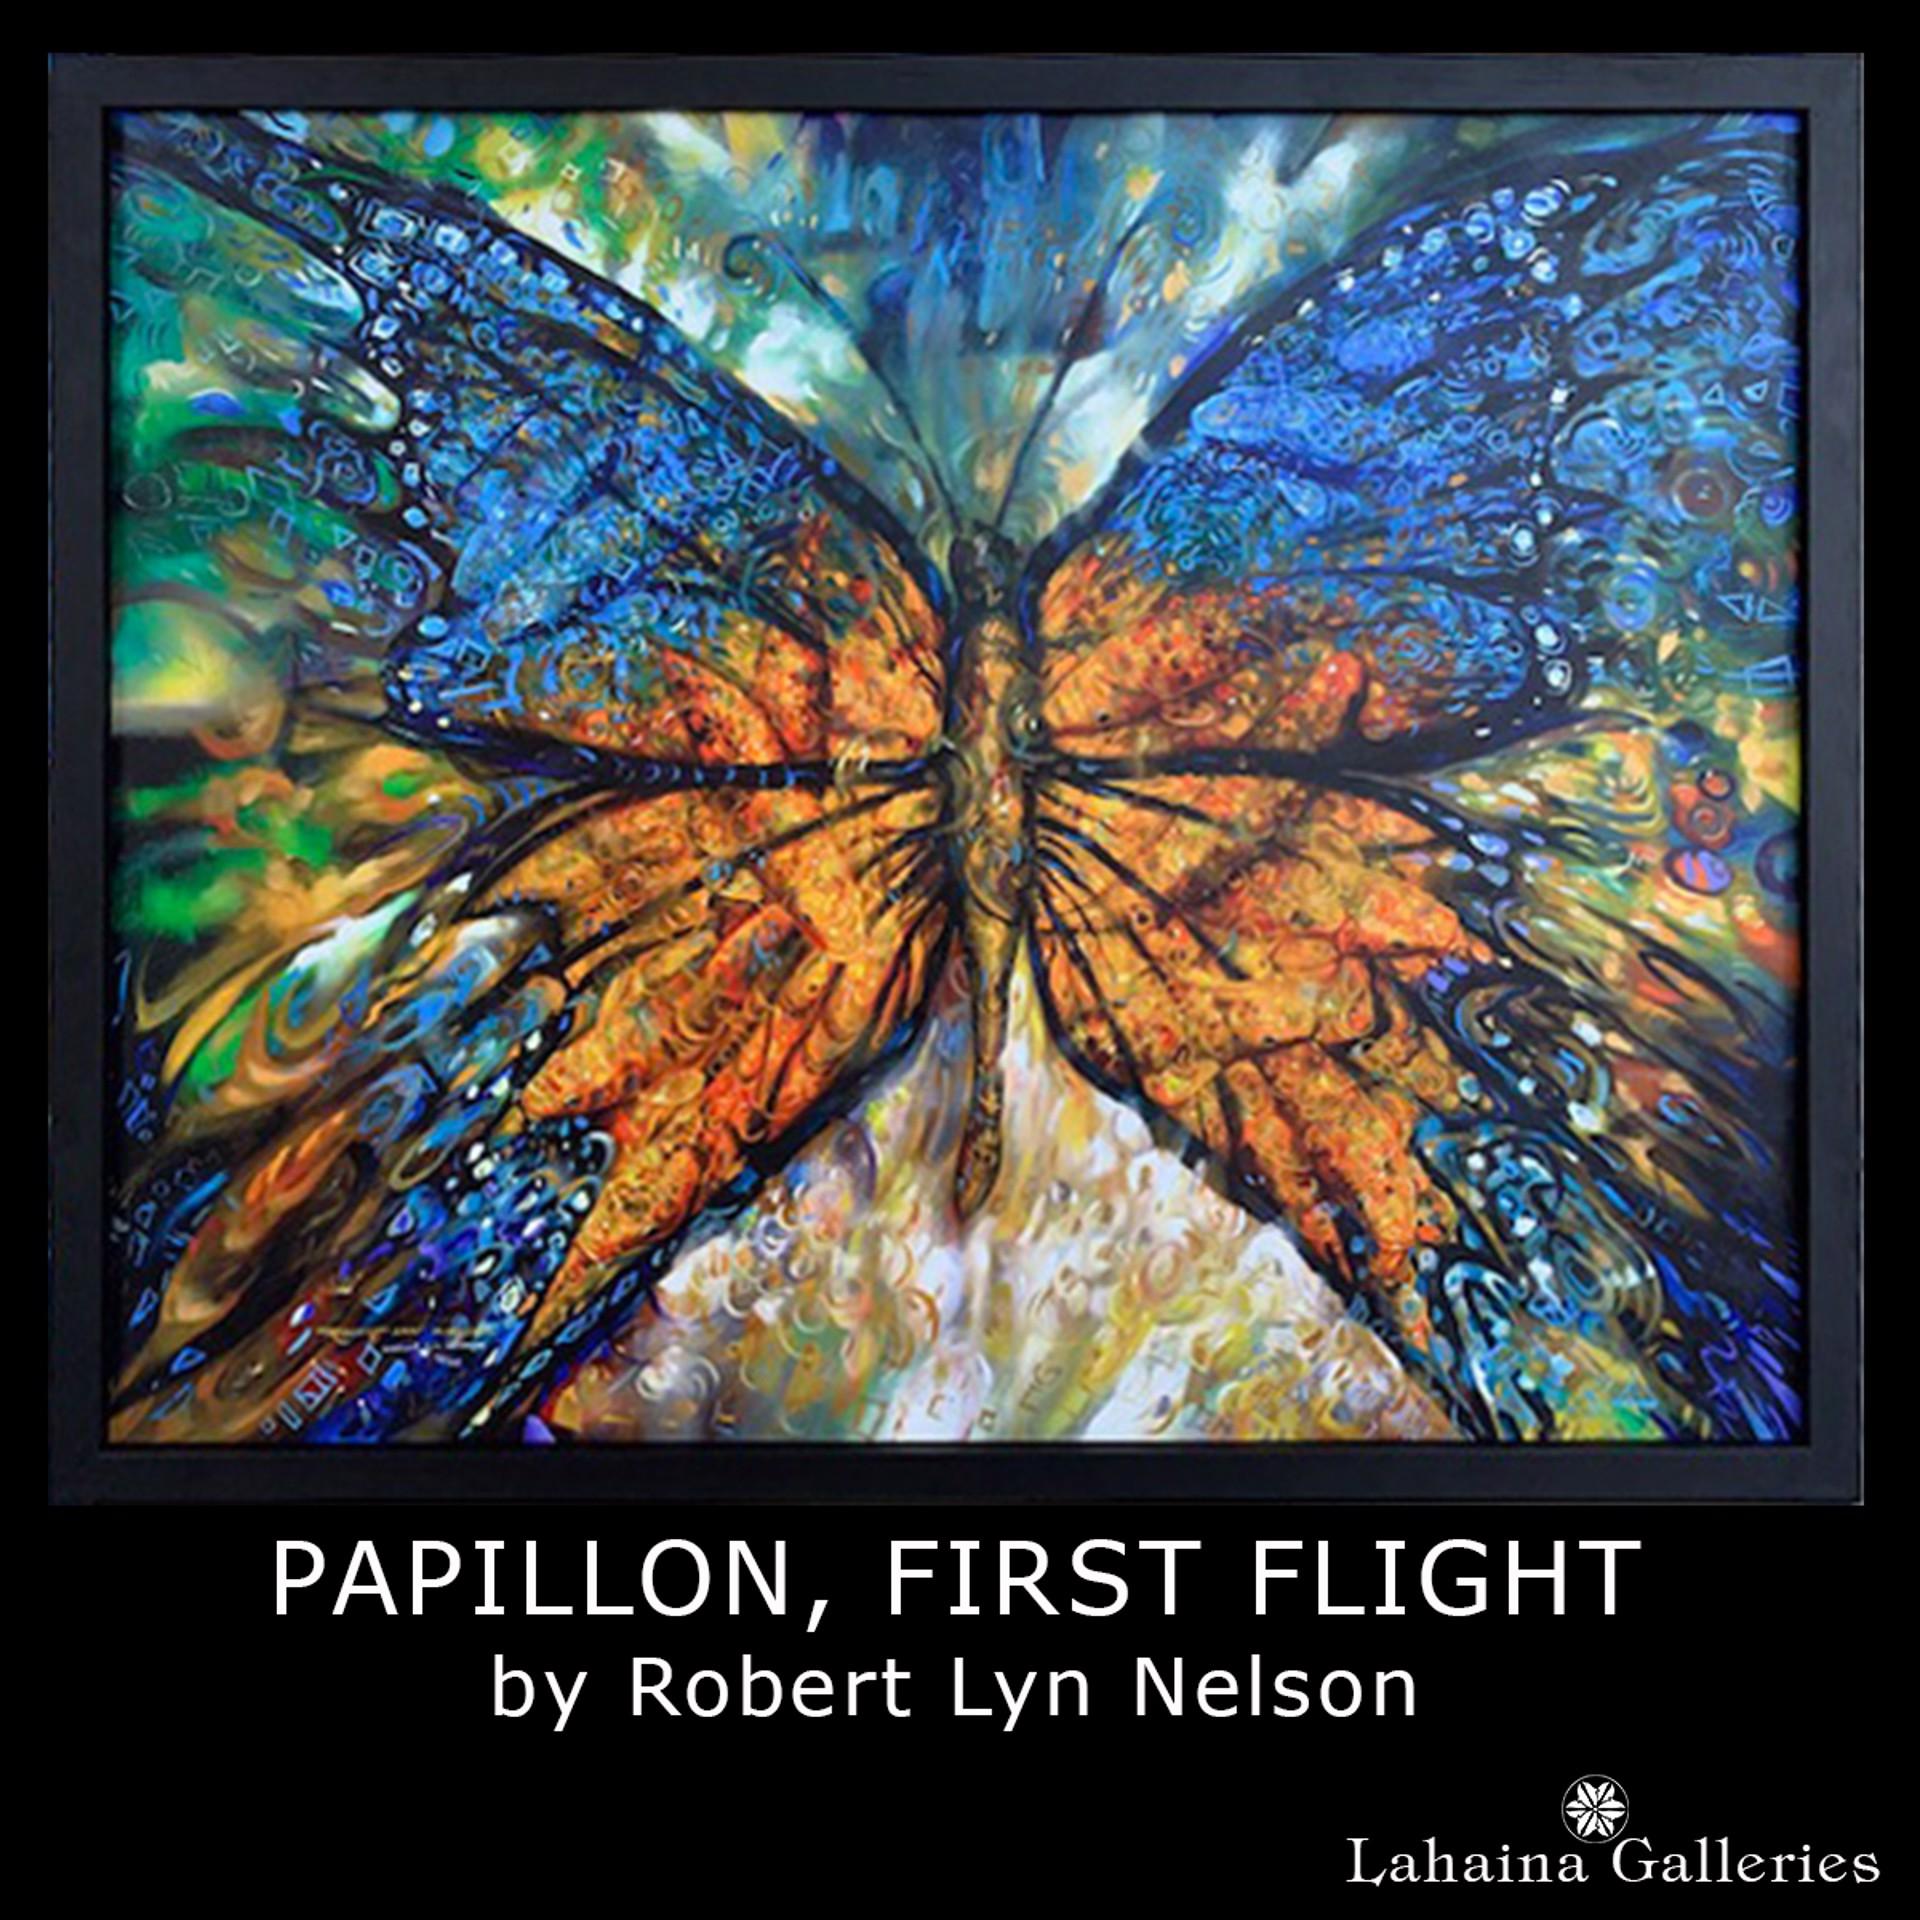 PAPILLION FIRST FLIGHT by Robert Lyn Nelson